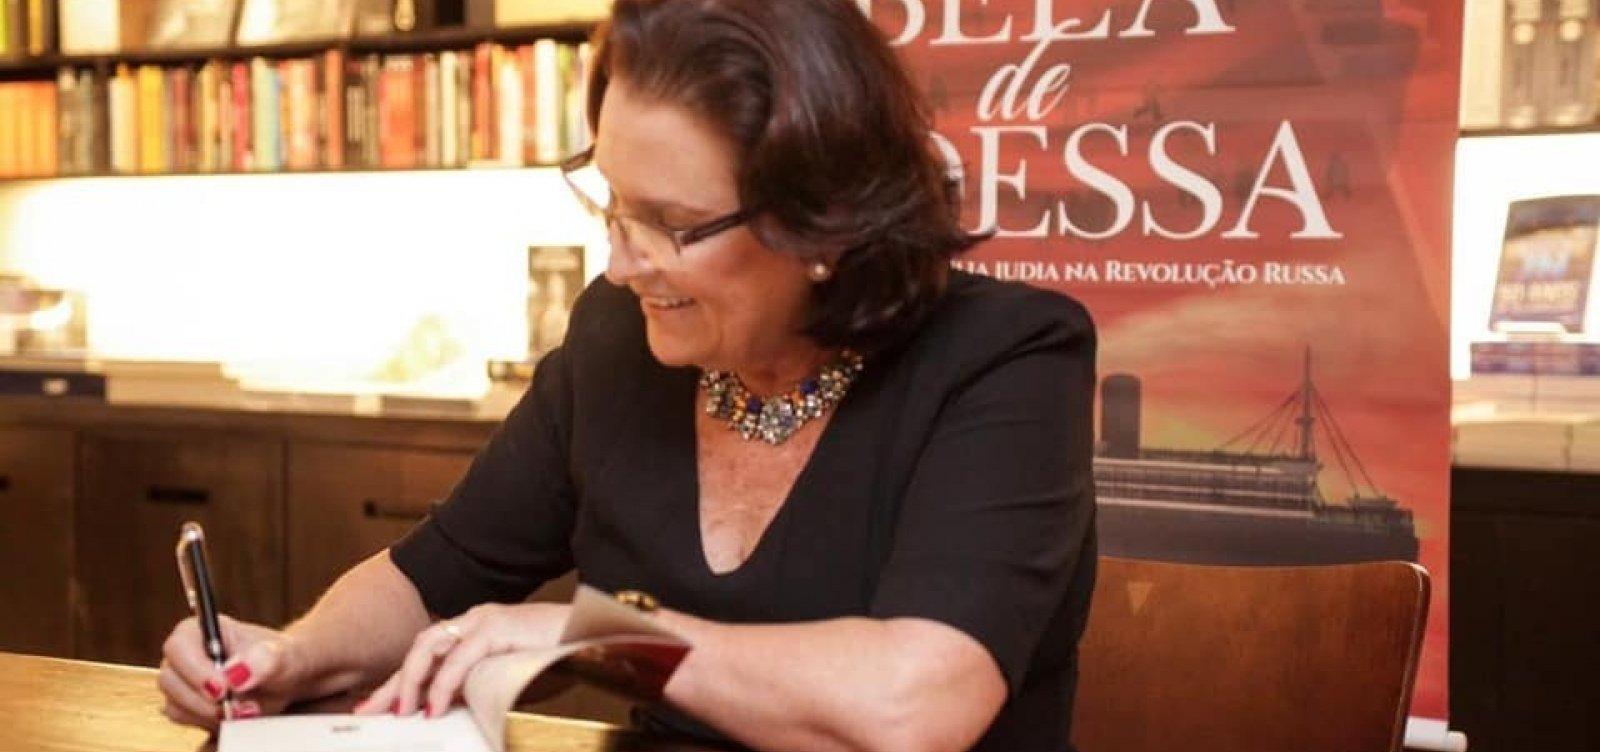 Em livro, Rachel Bassan conta saga de família judia na Revolução Russa